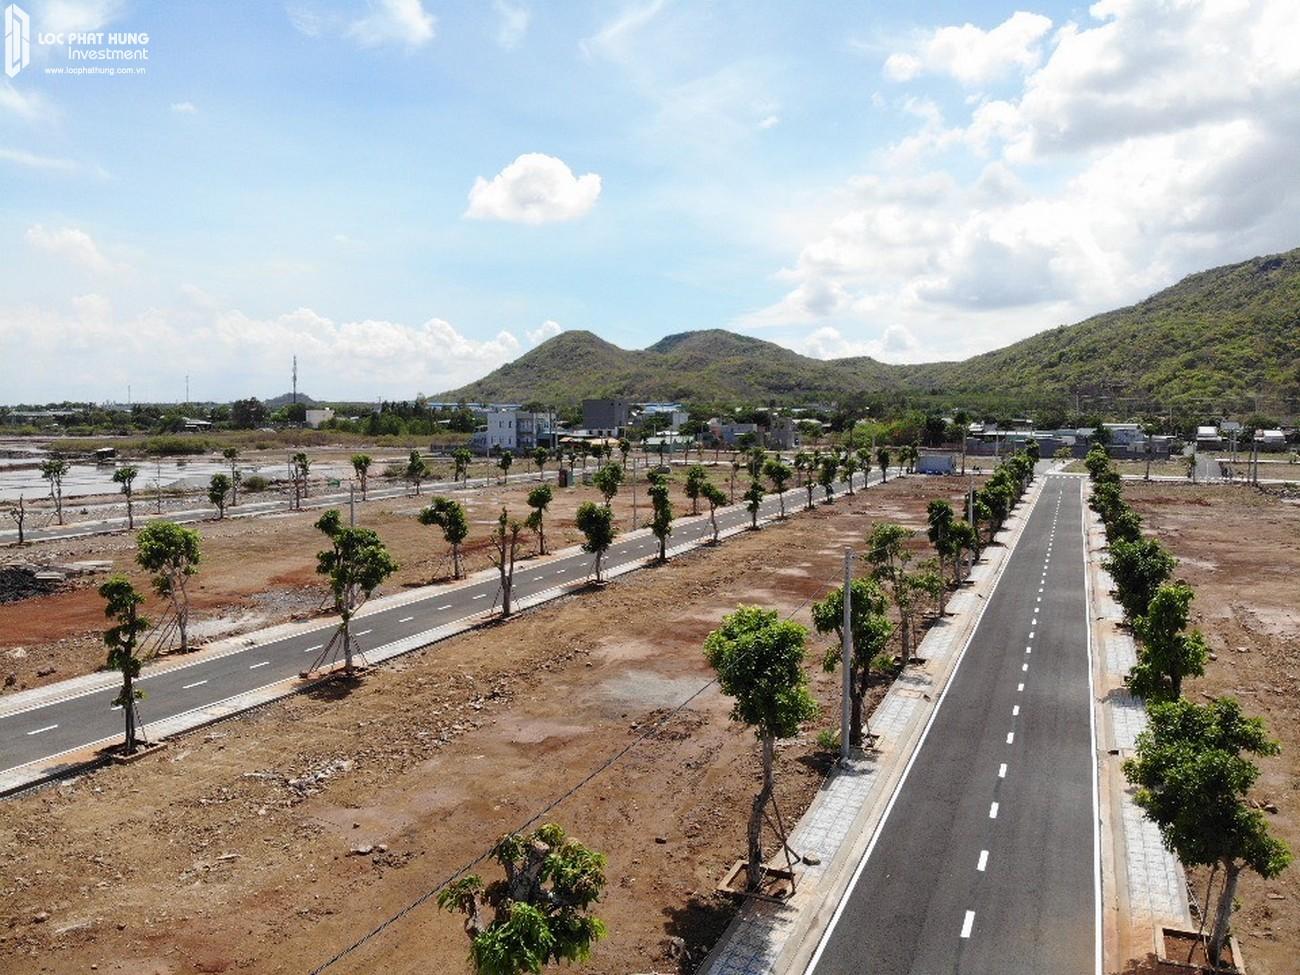 Tiên độ dự án và hình thực tế đất nền Eco Golden River huyện Long Điền Tỉnh Bà Rịa 06/2020